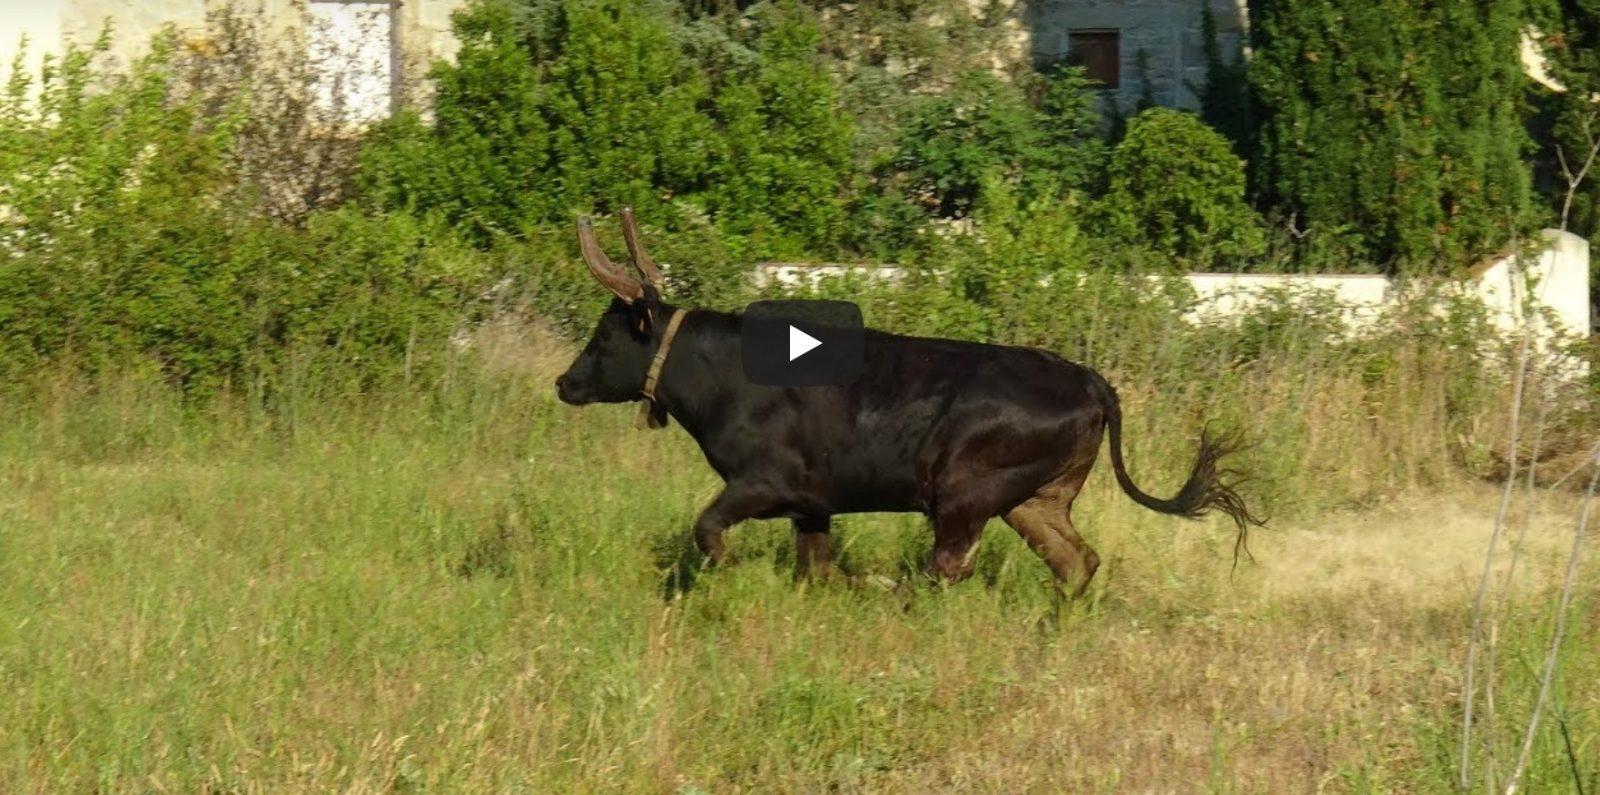 CAVEIRAC (13/07/2019) – Retour en vidéo sur le concours d'abrivado et bandido parcours ouvert